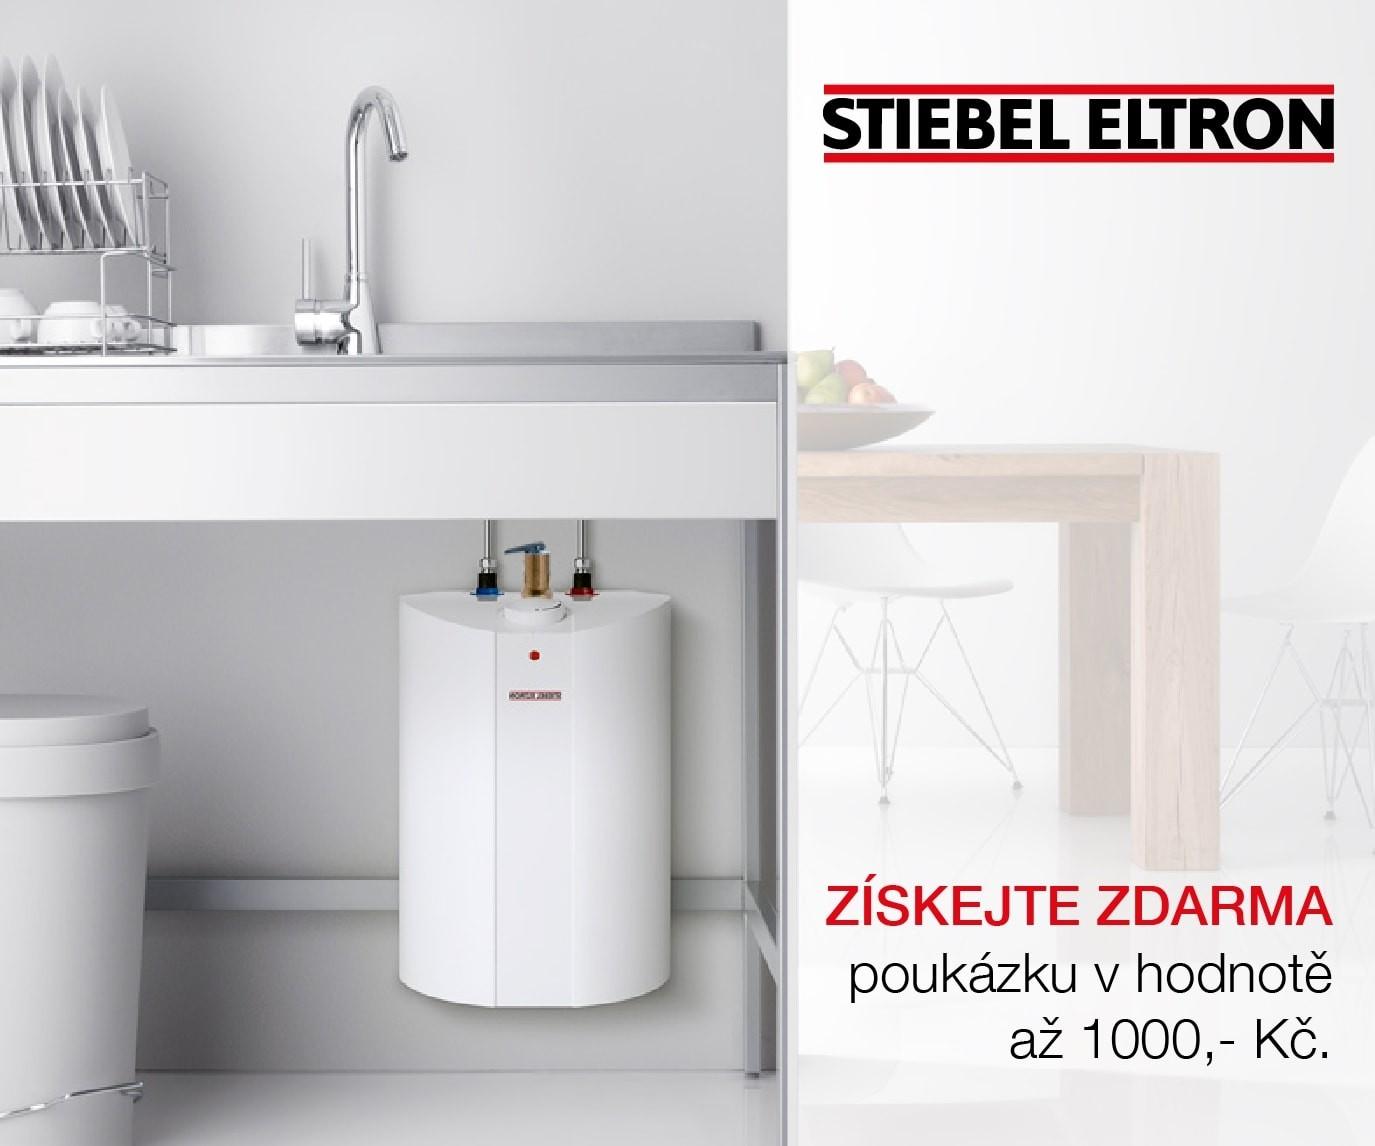 Akce pro montážní firmy STIEBEL ELTRON